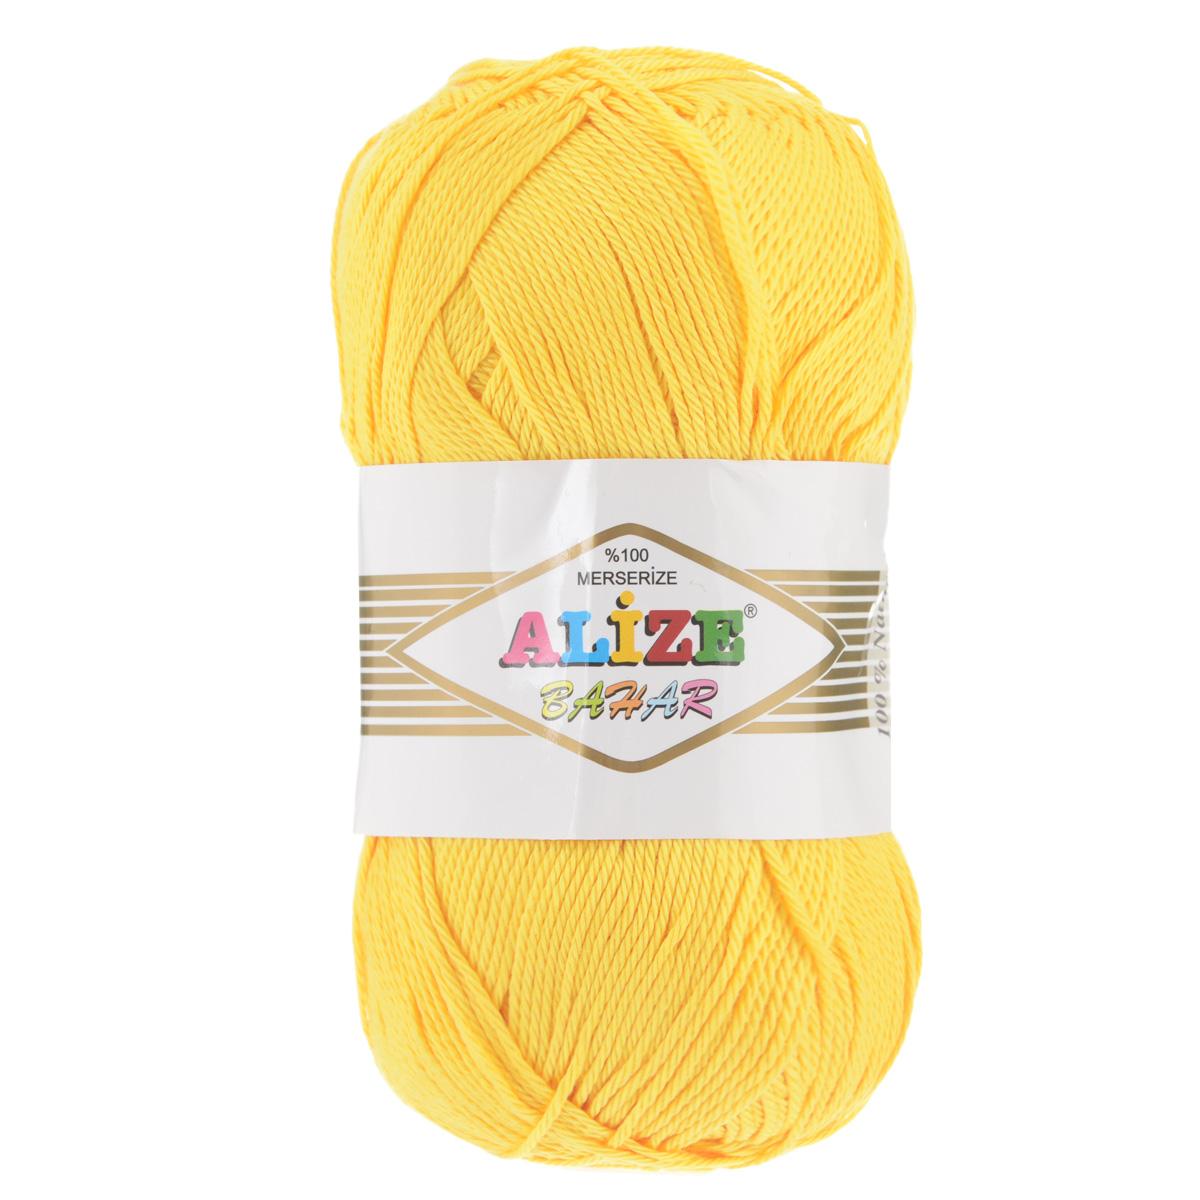 Пряжа для вязания Alize Bahar, цвет: желтый (216), 260 м, 100 г, 5 шт364089_216Пряжа Alize Bahar подходит для ручного вязания детям и взрослым. Пряжа однотонная, приятная на ощупь, хорошо лежит в полотне. Изделия из такой нити получаются мягкие и красивые. Рекомендованные спицы 3-5 мм и крючок для вязания 2-4 мм. Комплектация: 5 мотков. Состав: 100% хлопок.